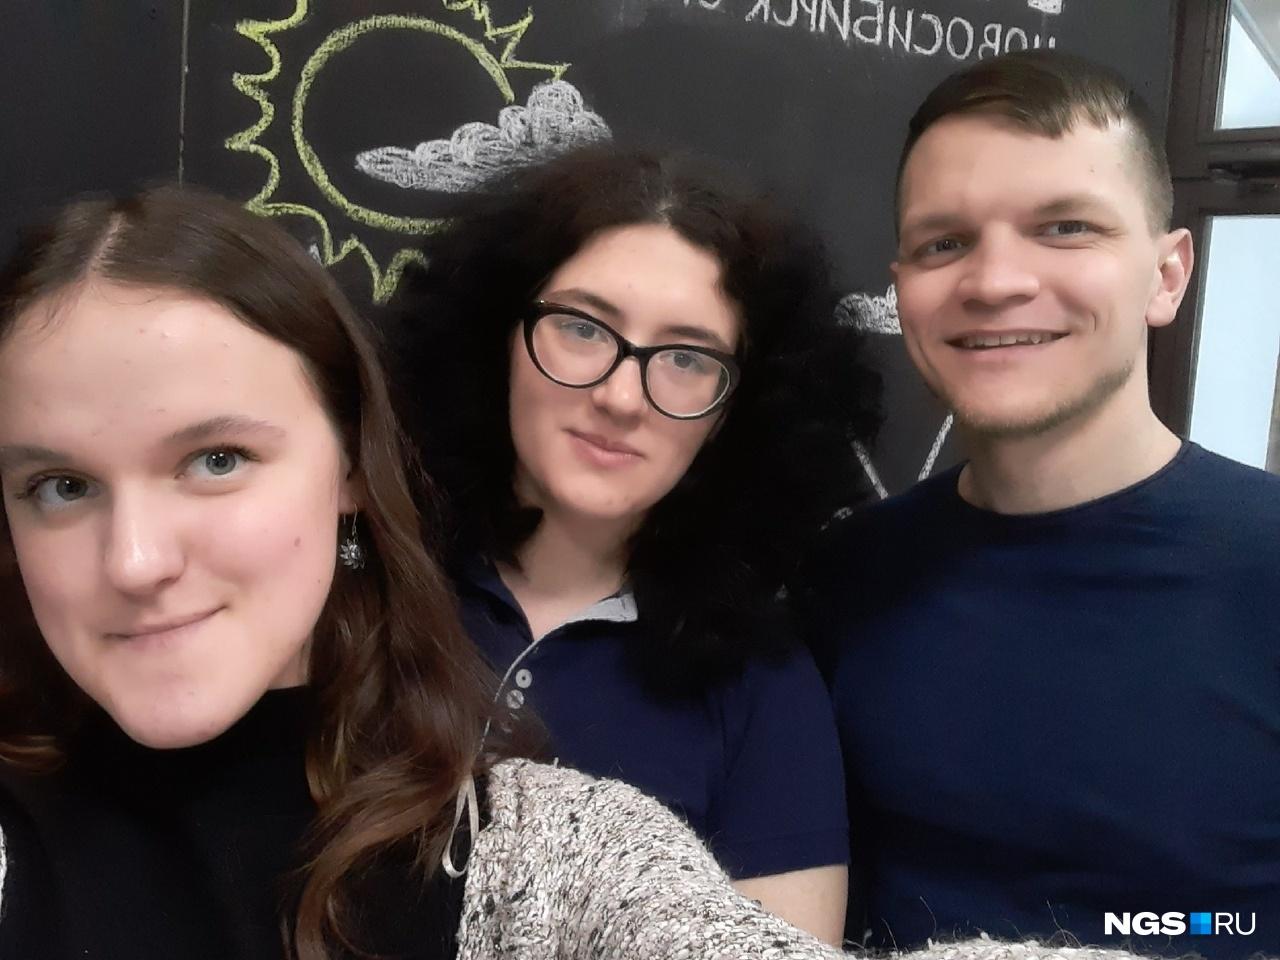 Трансляцию вели журналисты НГС Маша Вьюн, Екатерина Евстафьева и Дмитрий Северов